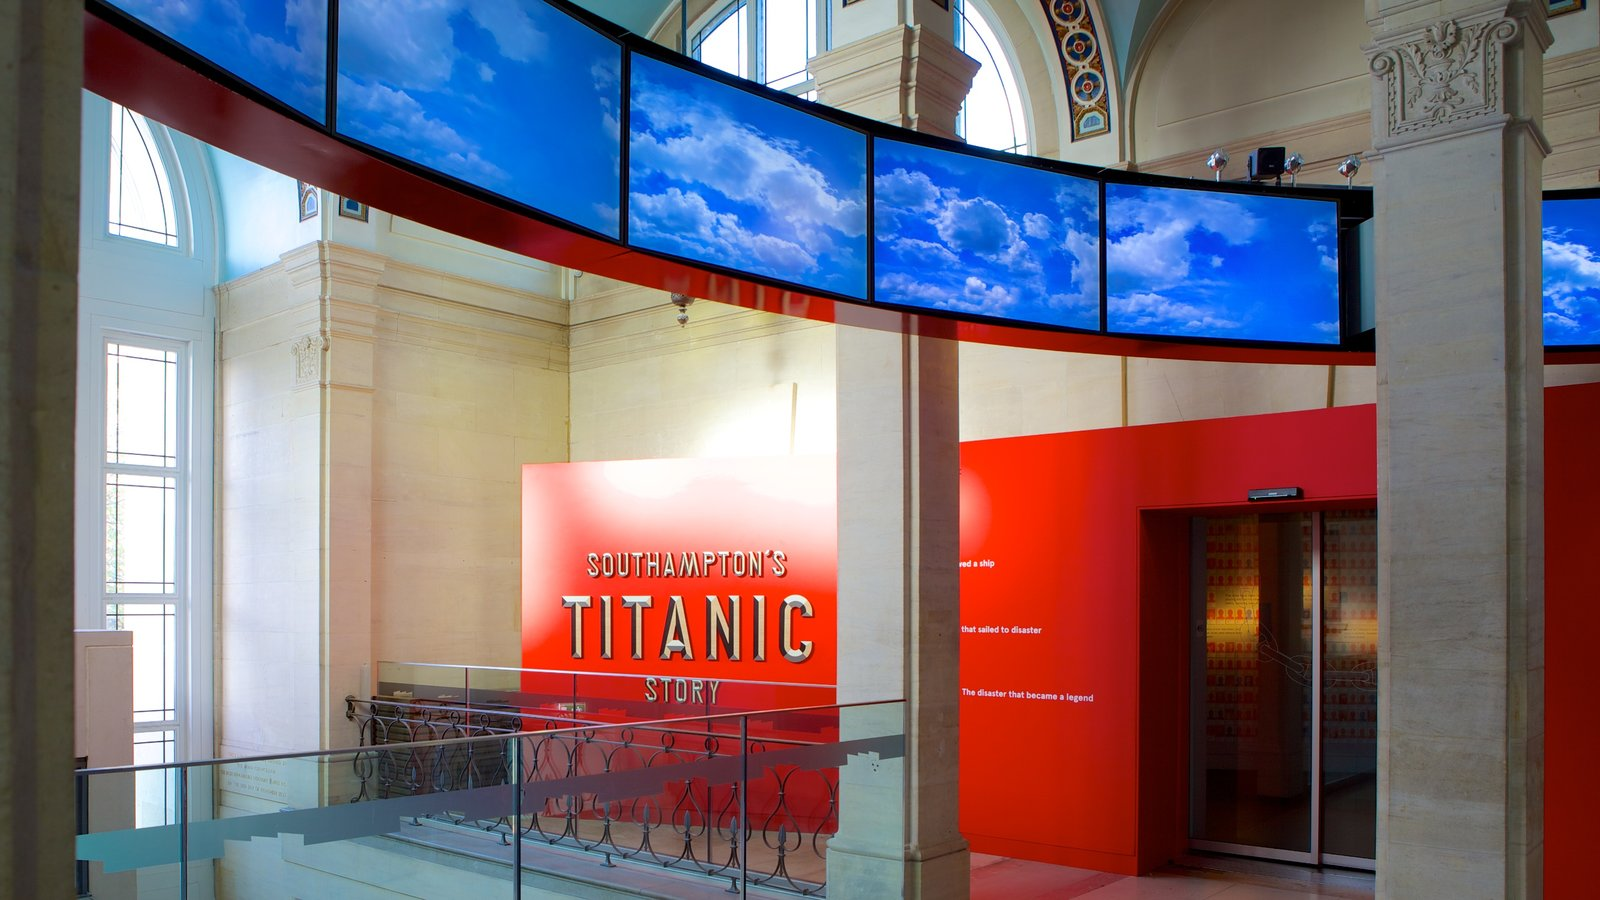 Museo SeaCity mostrando vistas interiores y señalización